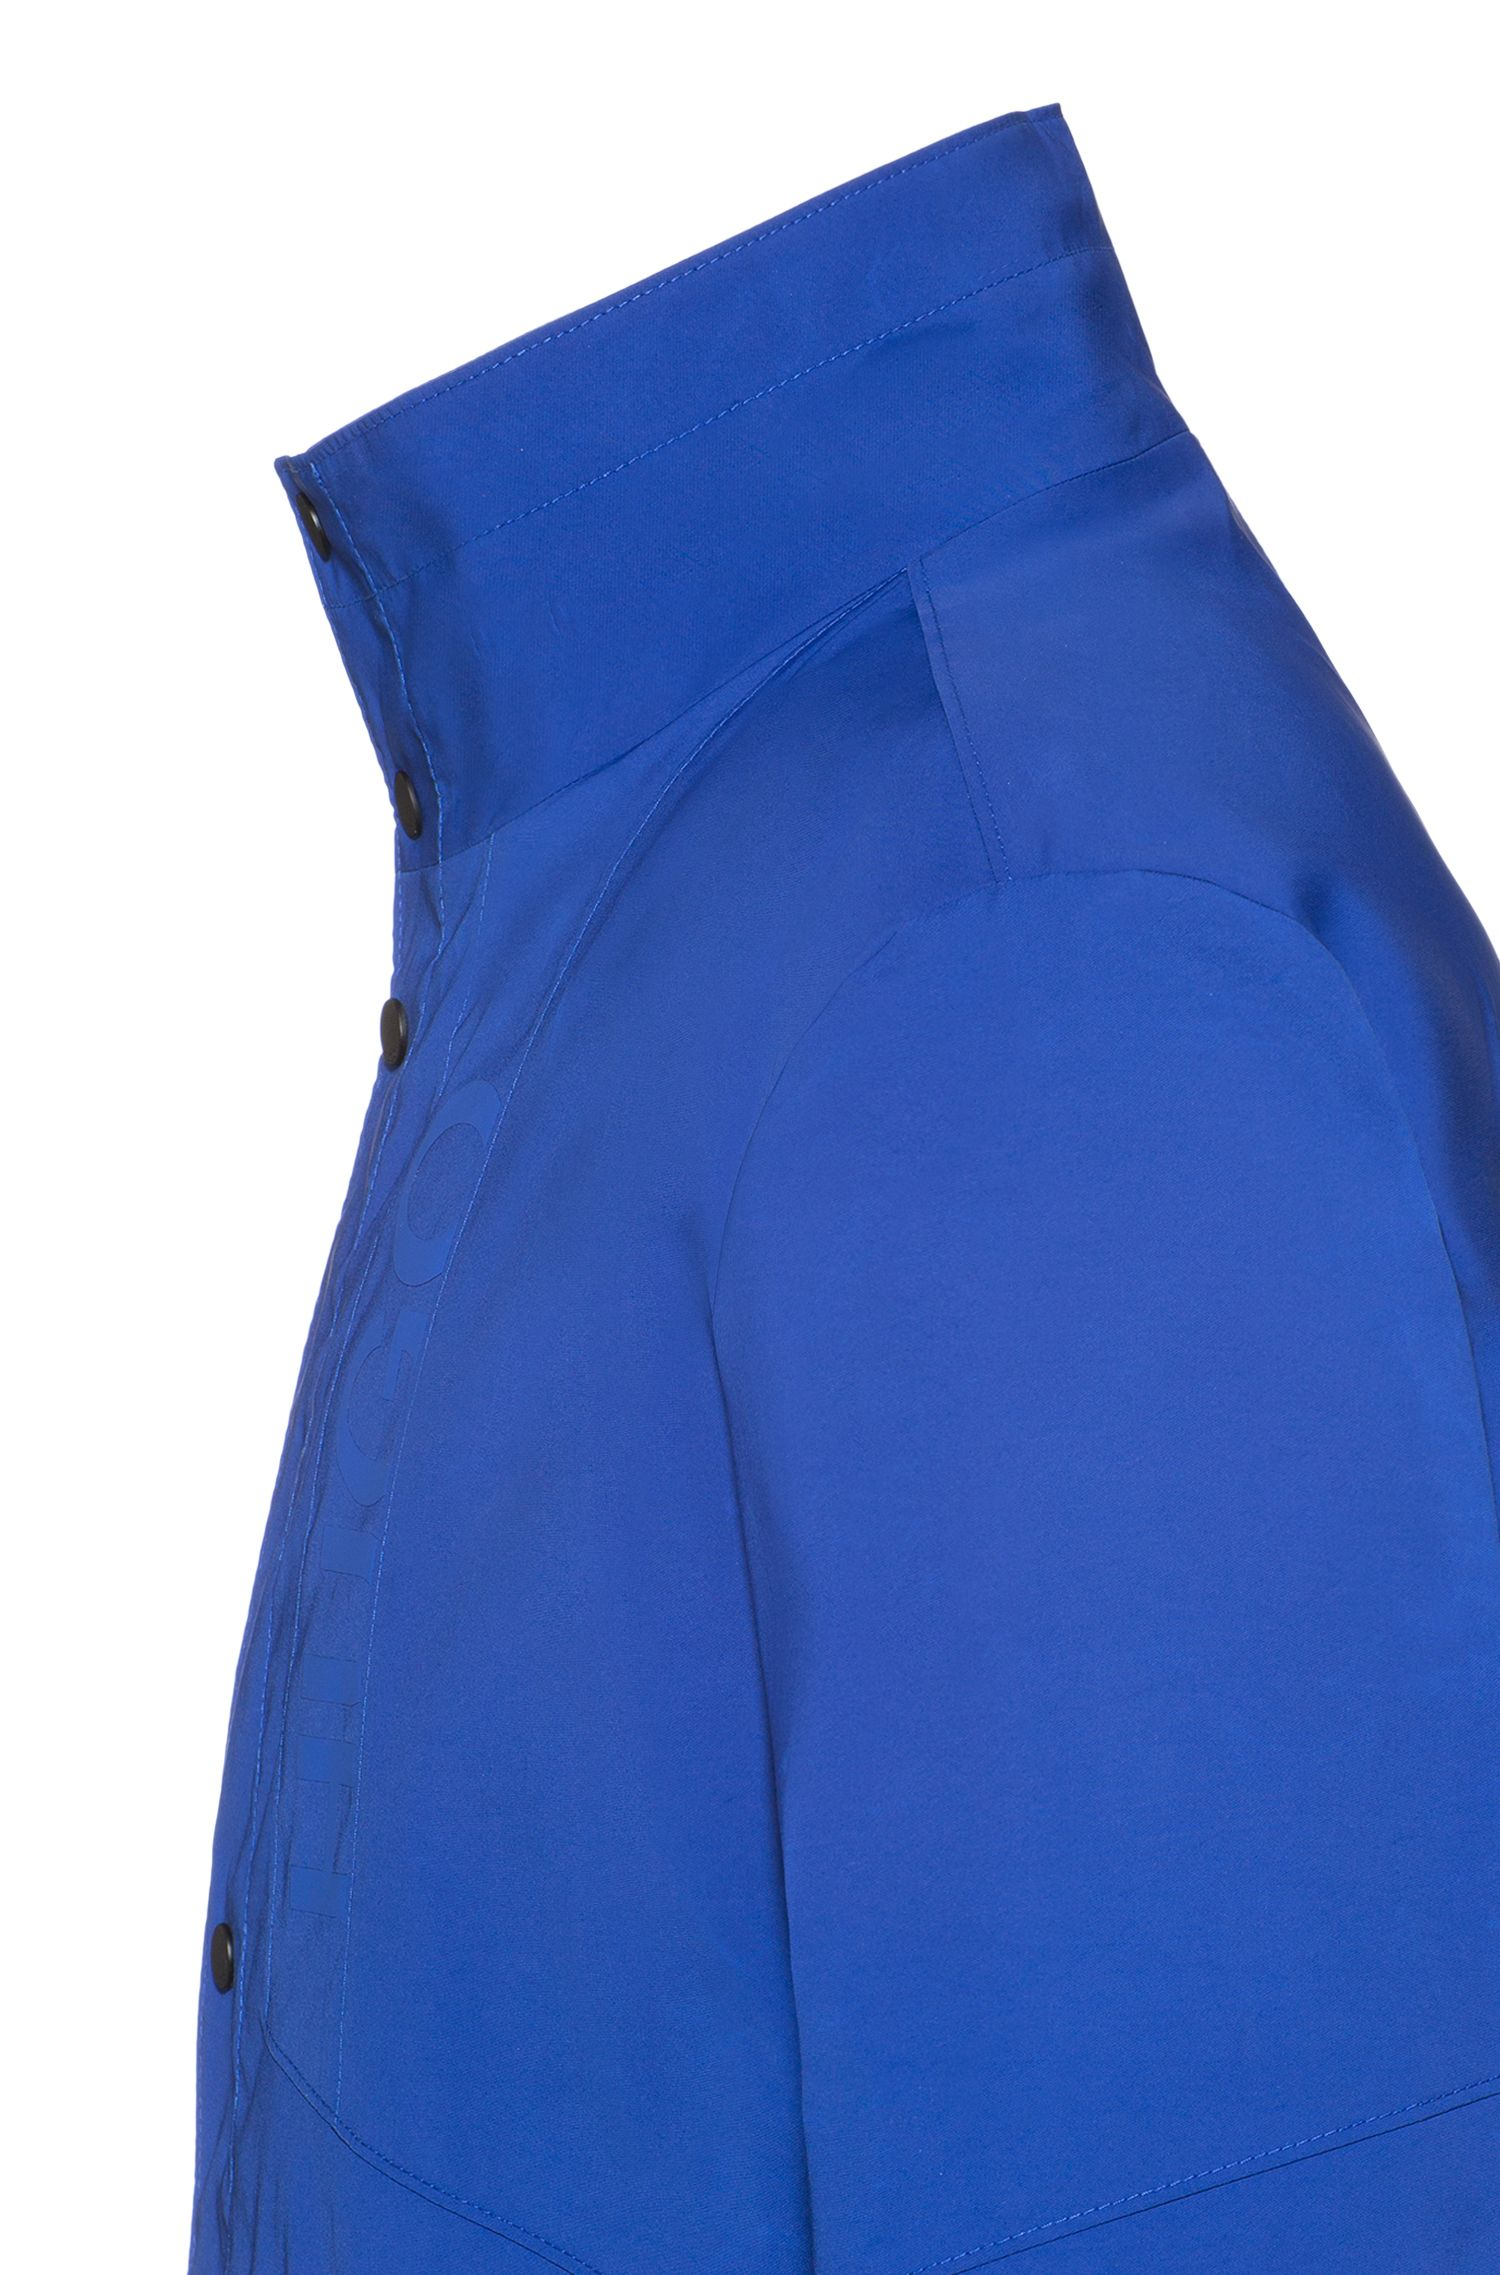 Waterafstotende mantel met logodecoratie en opstaande kraag, Blauw